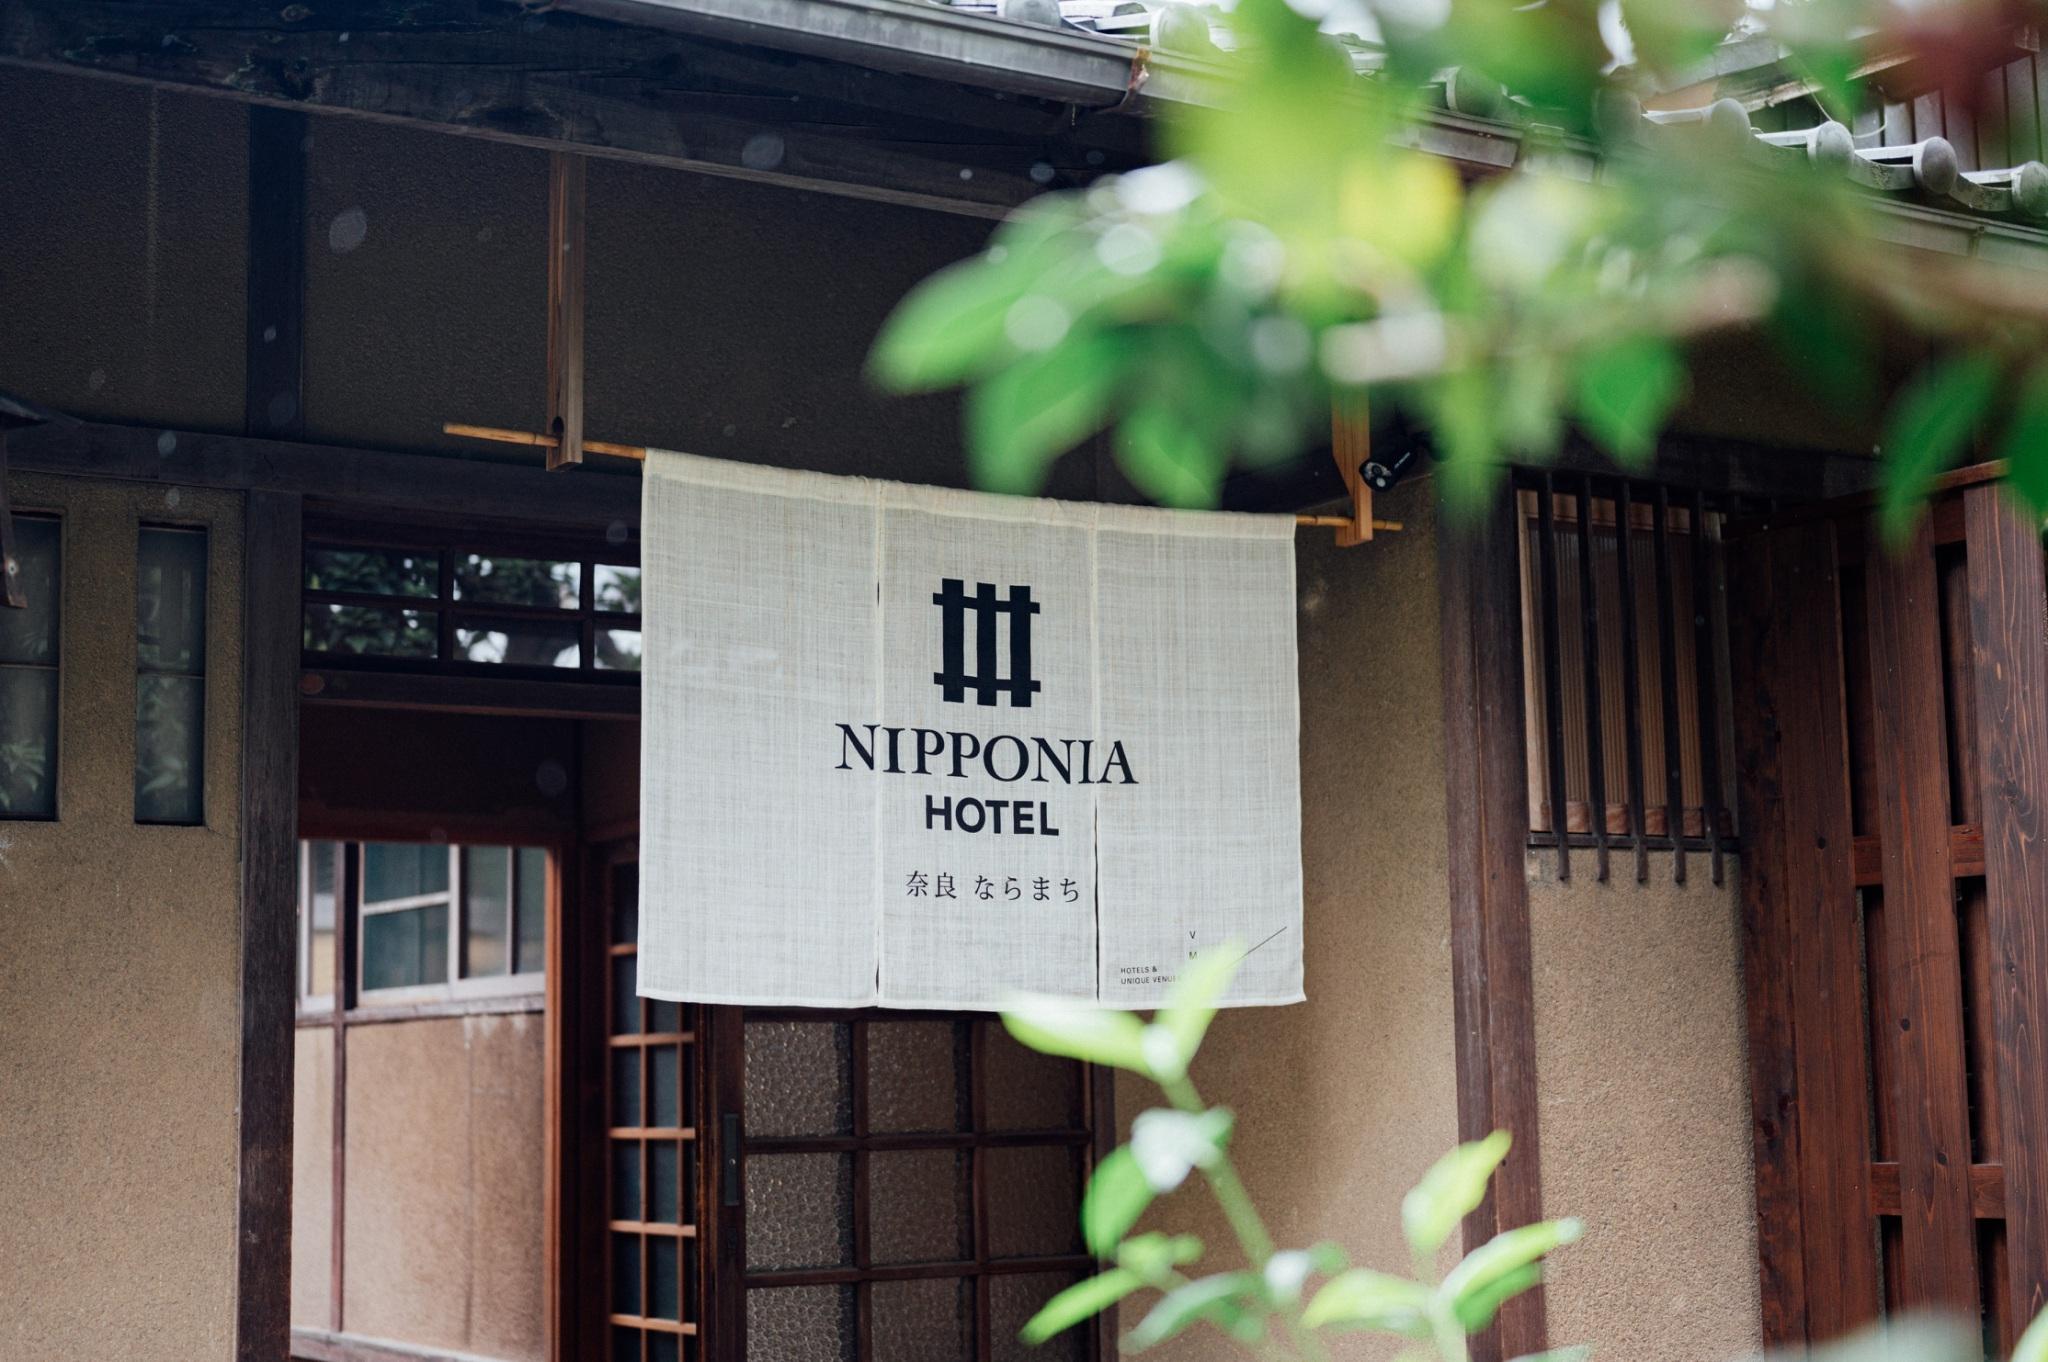 奈良でおこもりステイ!NIPPONIA HOTEL 奈良 ならまち宿泊記&ディナーレポート